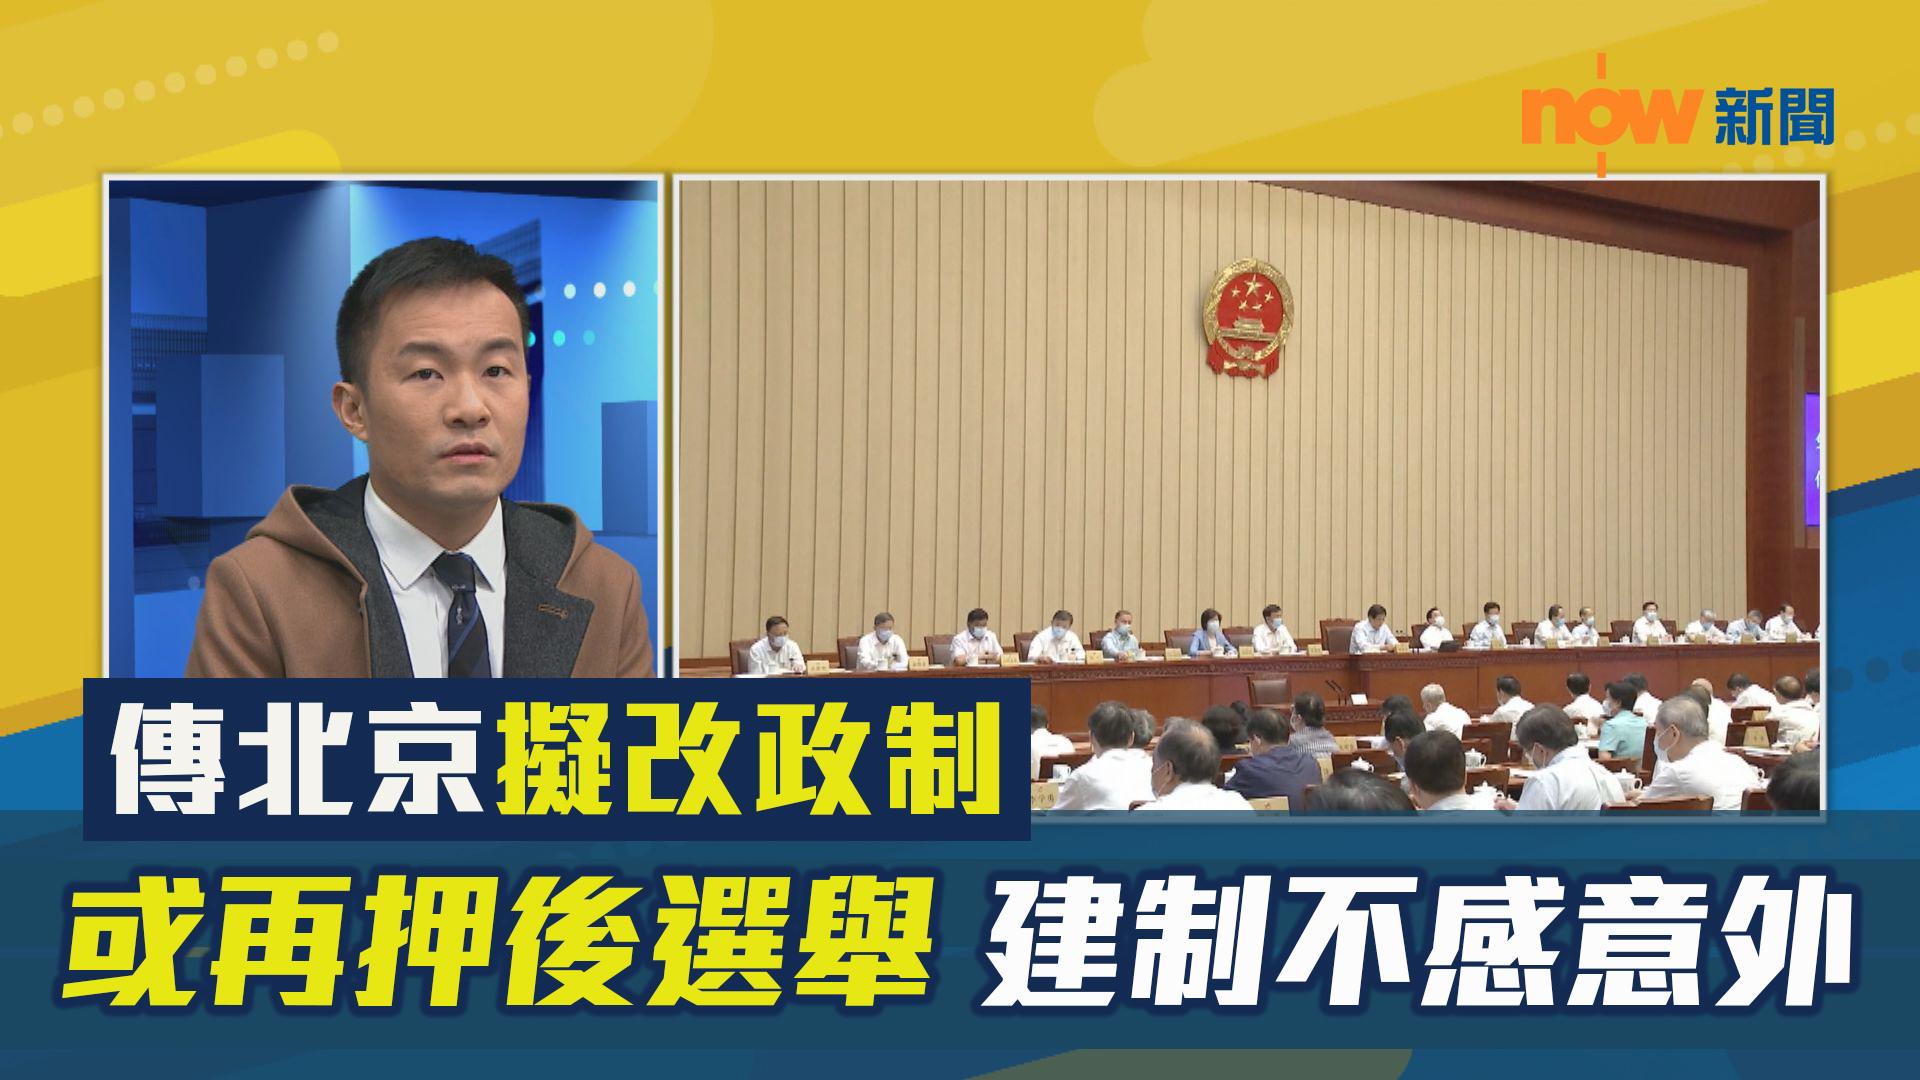 【政情】傳北京擬改政制或再押後選舉 建制不感意外